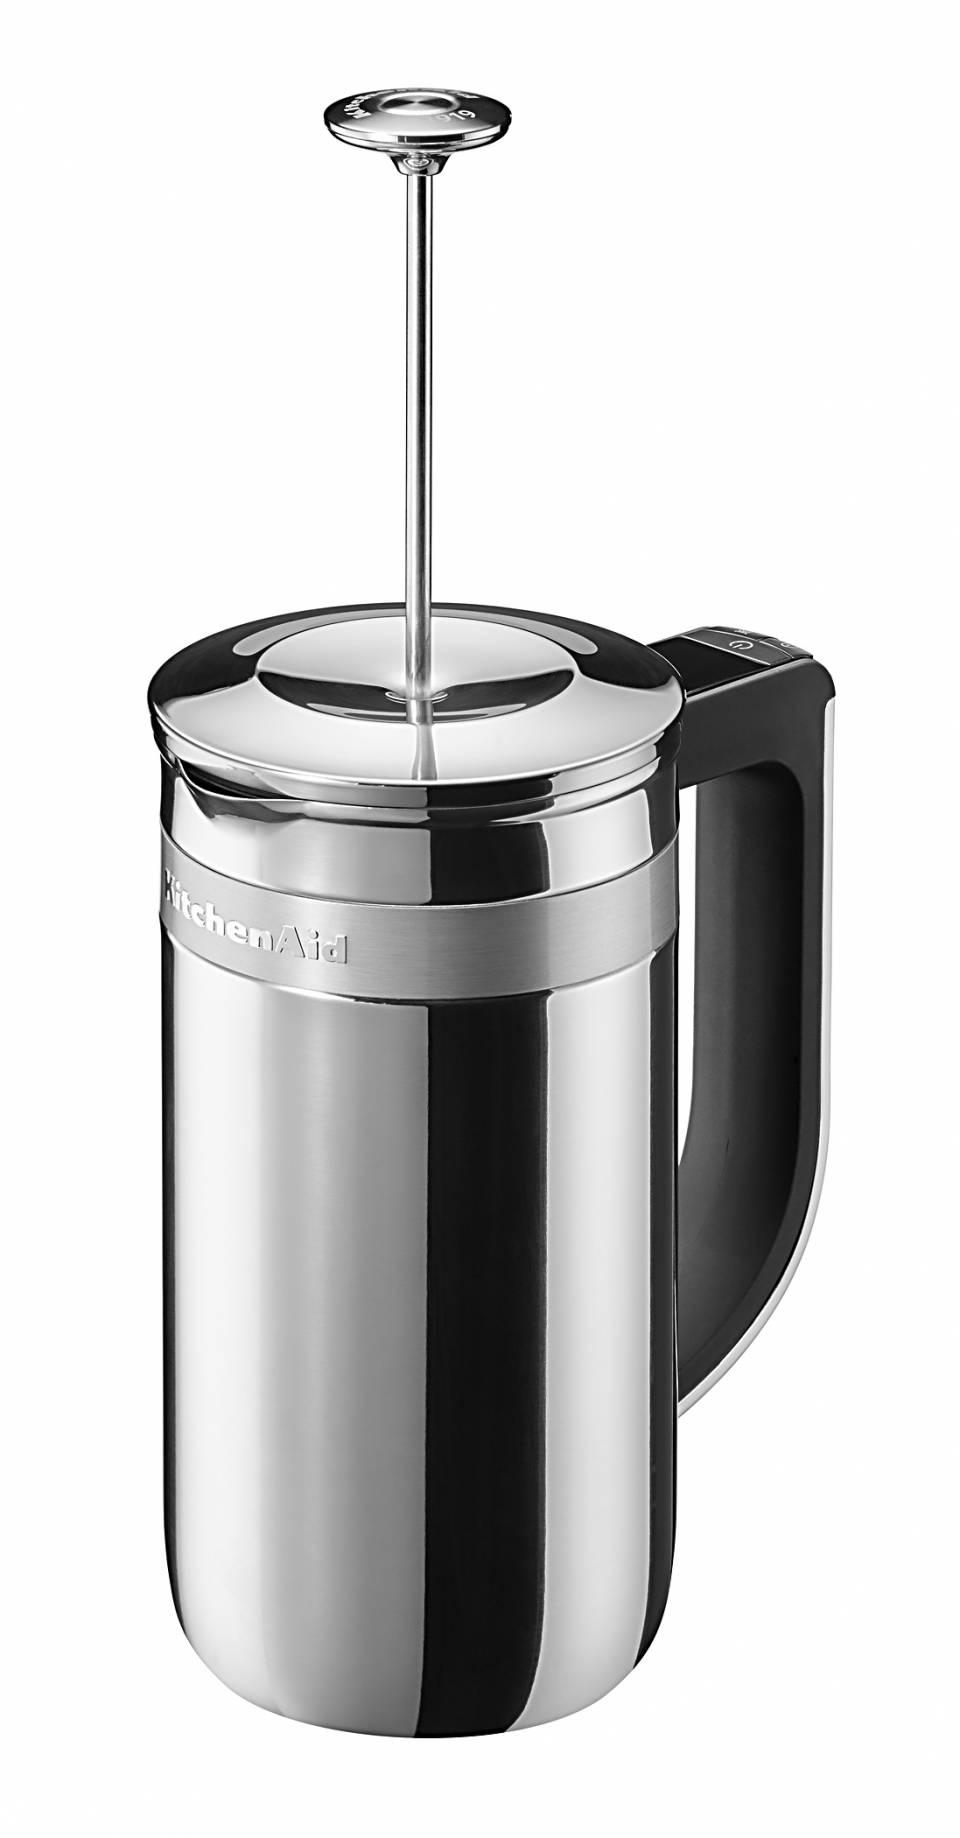 KitchenAid Kaffeezubereiter Präzisions-Presse Artisan mit integrierter Waage.